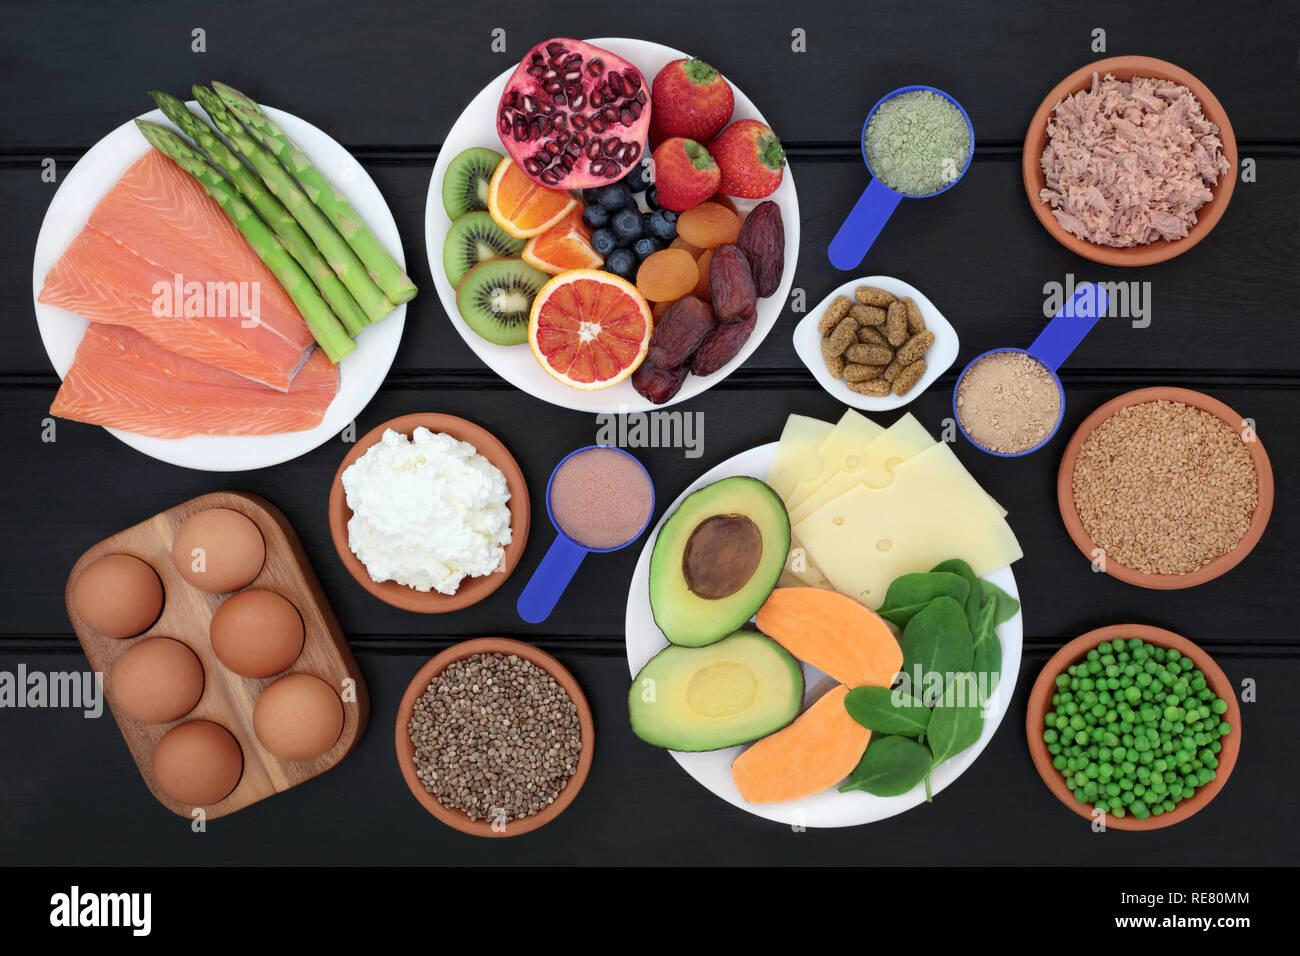 Alimentos saludables para los constructores del cuerpo con alto contenido  en proteínas, incluidos los peces, productos lácteos, suplemento dietético  de polvos y multi pastillas de vitaminas, frutas, vegetales y semillas  Fotografía de